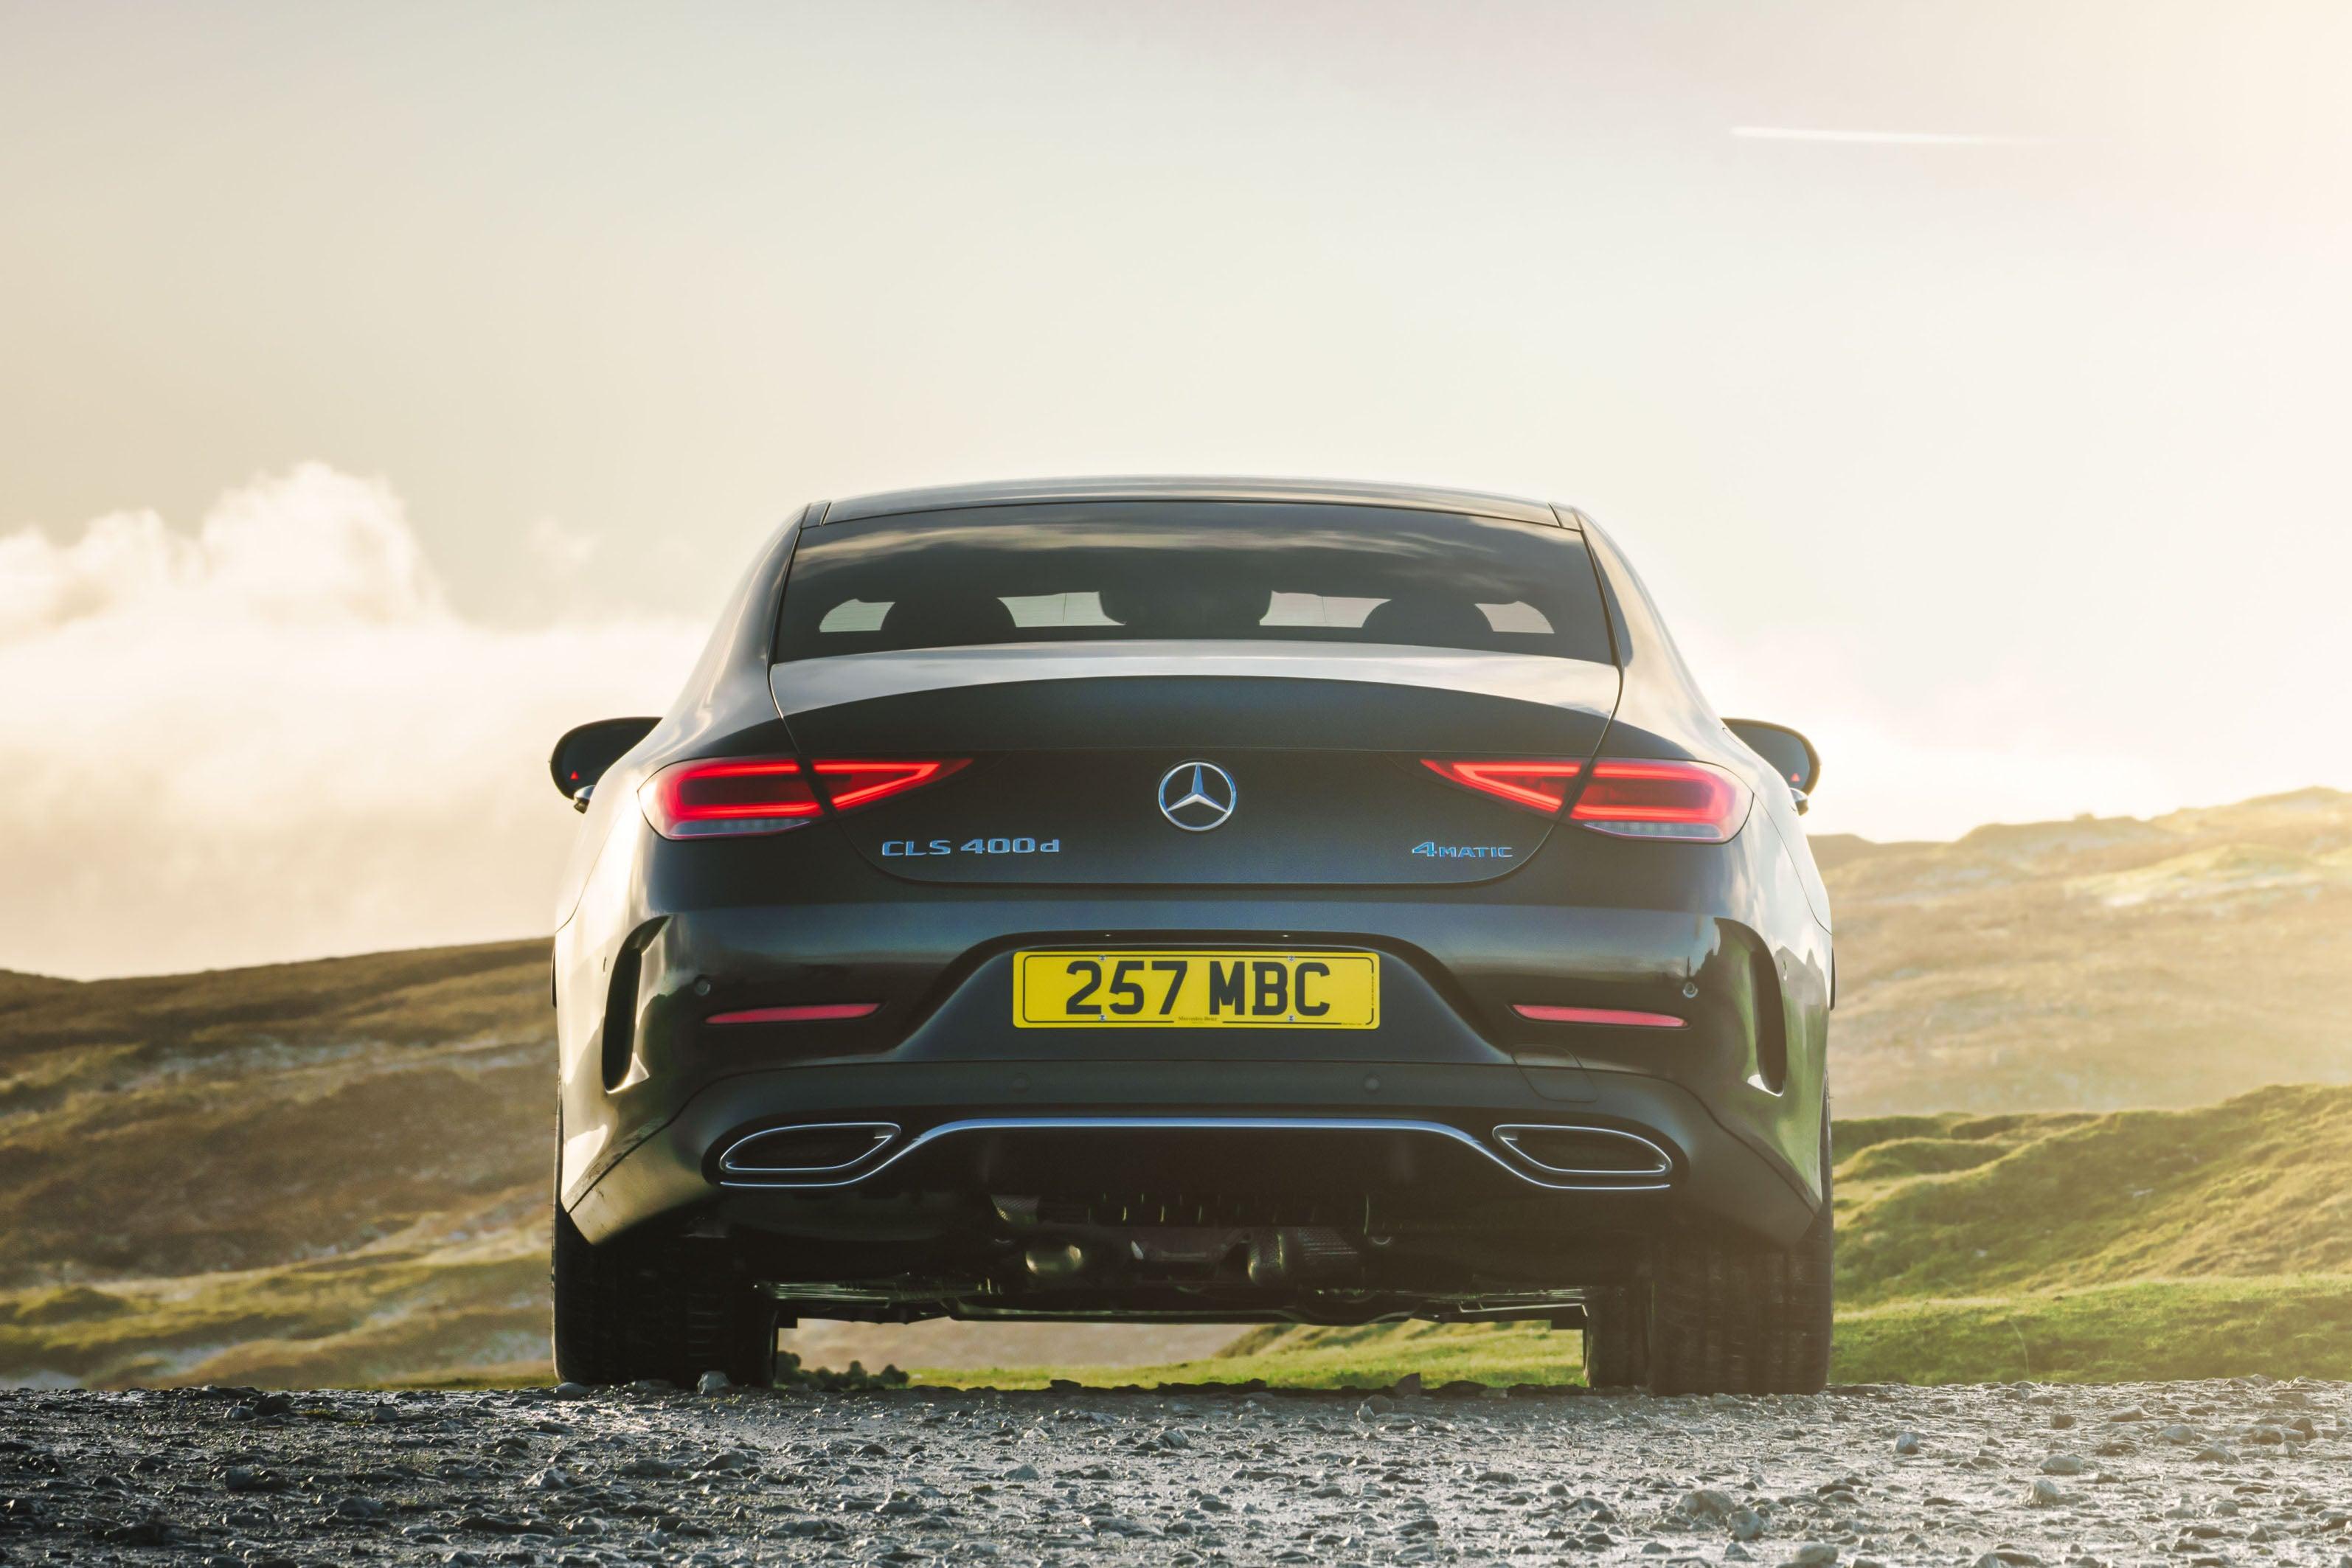 Mercedes CLS (2018) rear